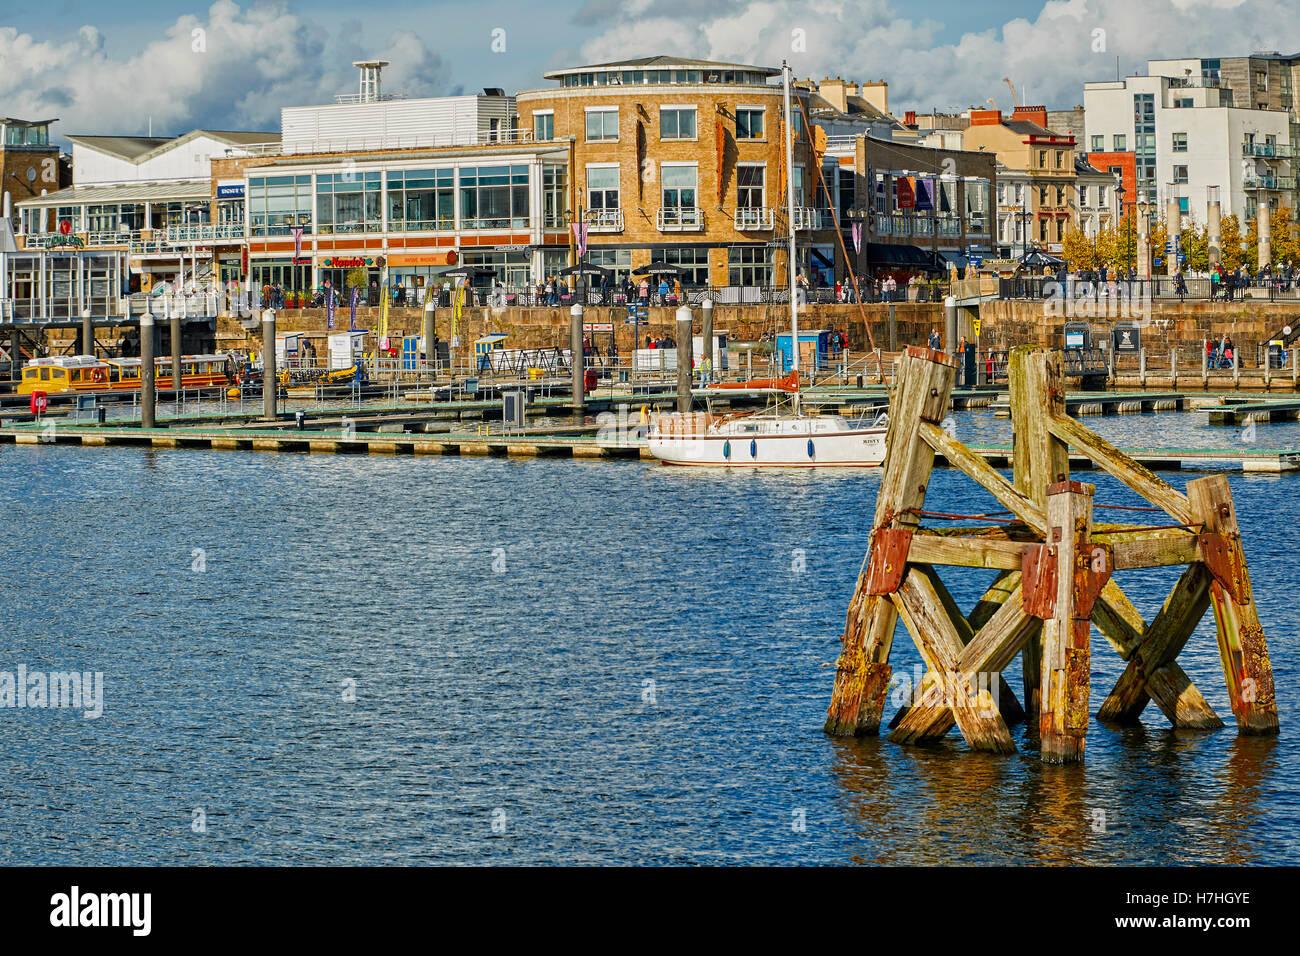 Cardiff la reciente evolución Waterfront waterfront contienen nuevas oficinas, tiendas e instalaciones de ocio. Foto de stock